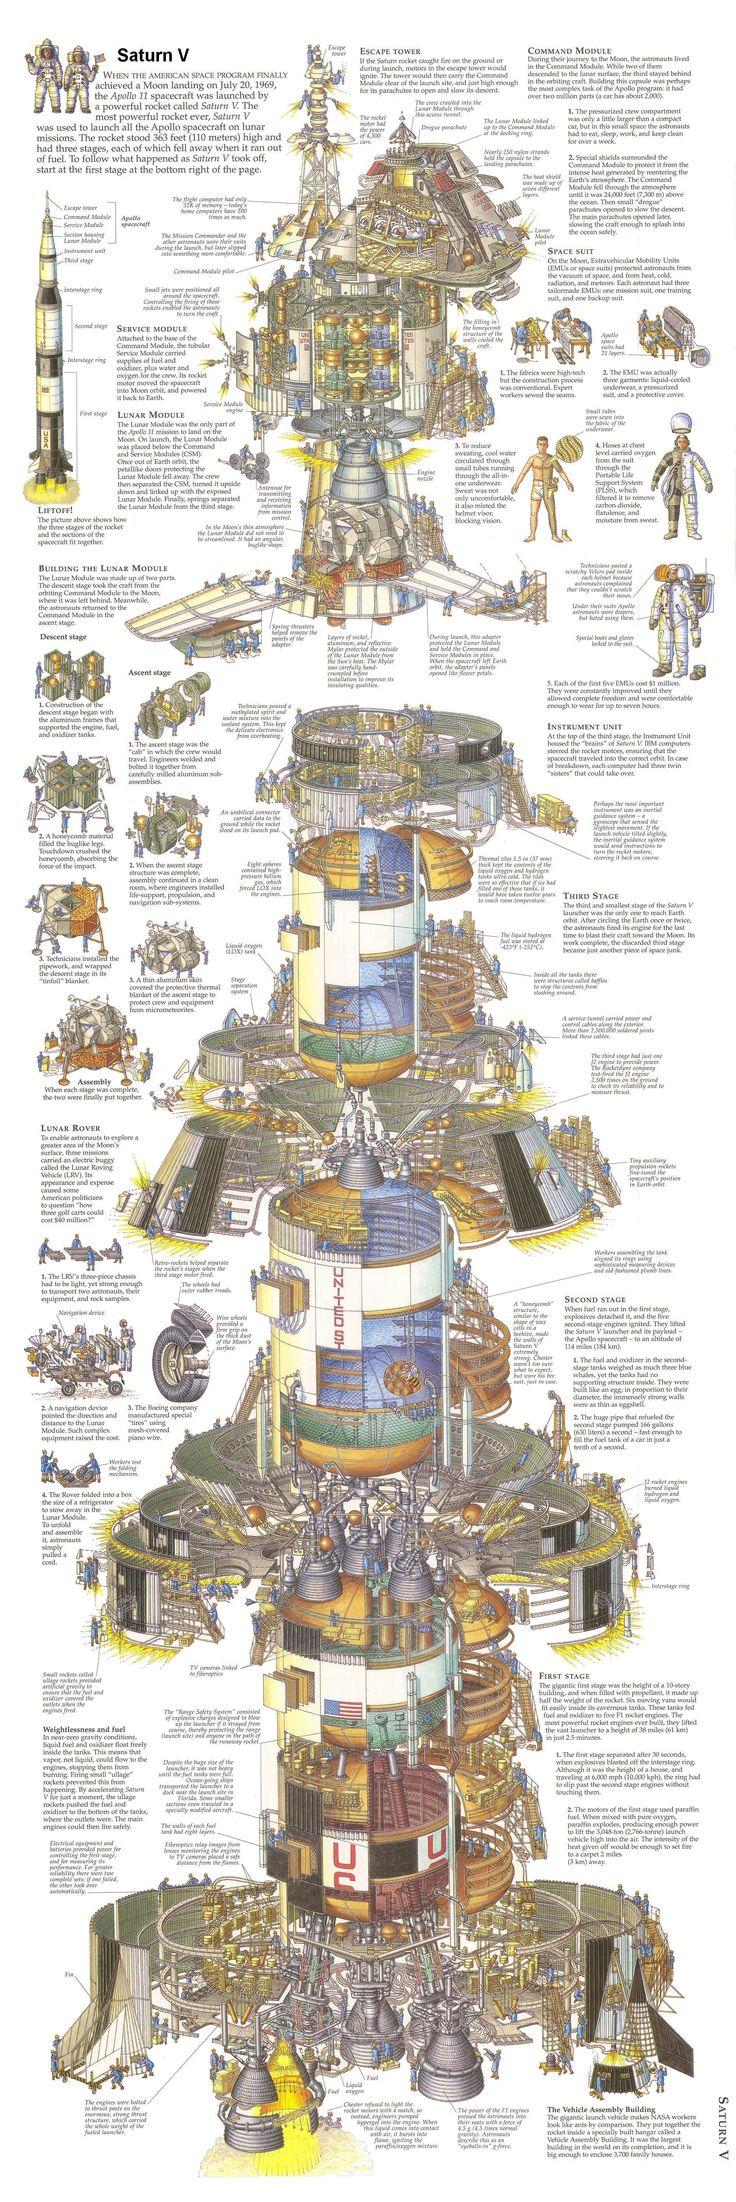 Saturn V - Details of Structure -   Impossible de garer cette magnifique fusée  devant son petit chez soi... 30 000 tonnes quand même !